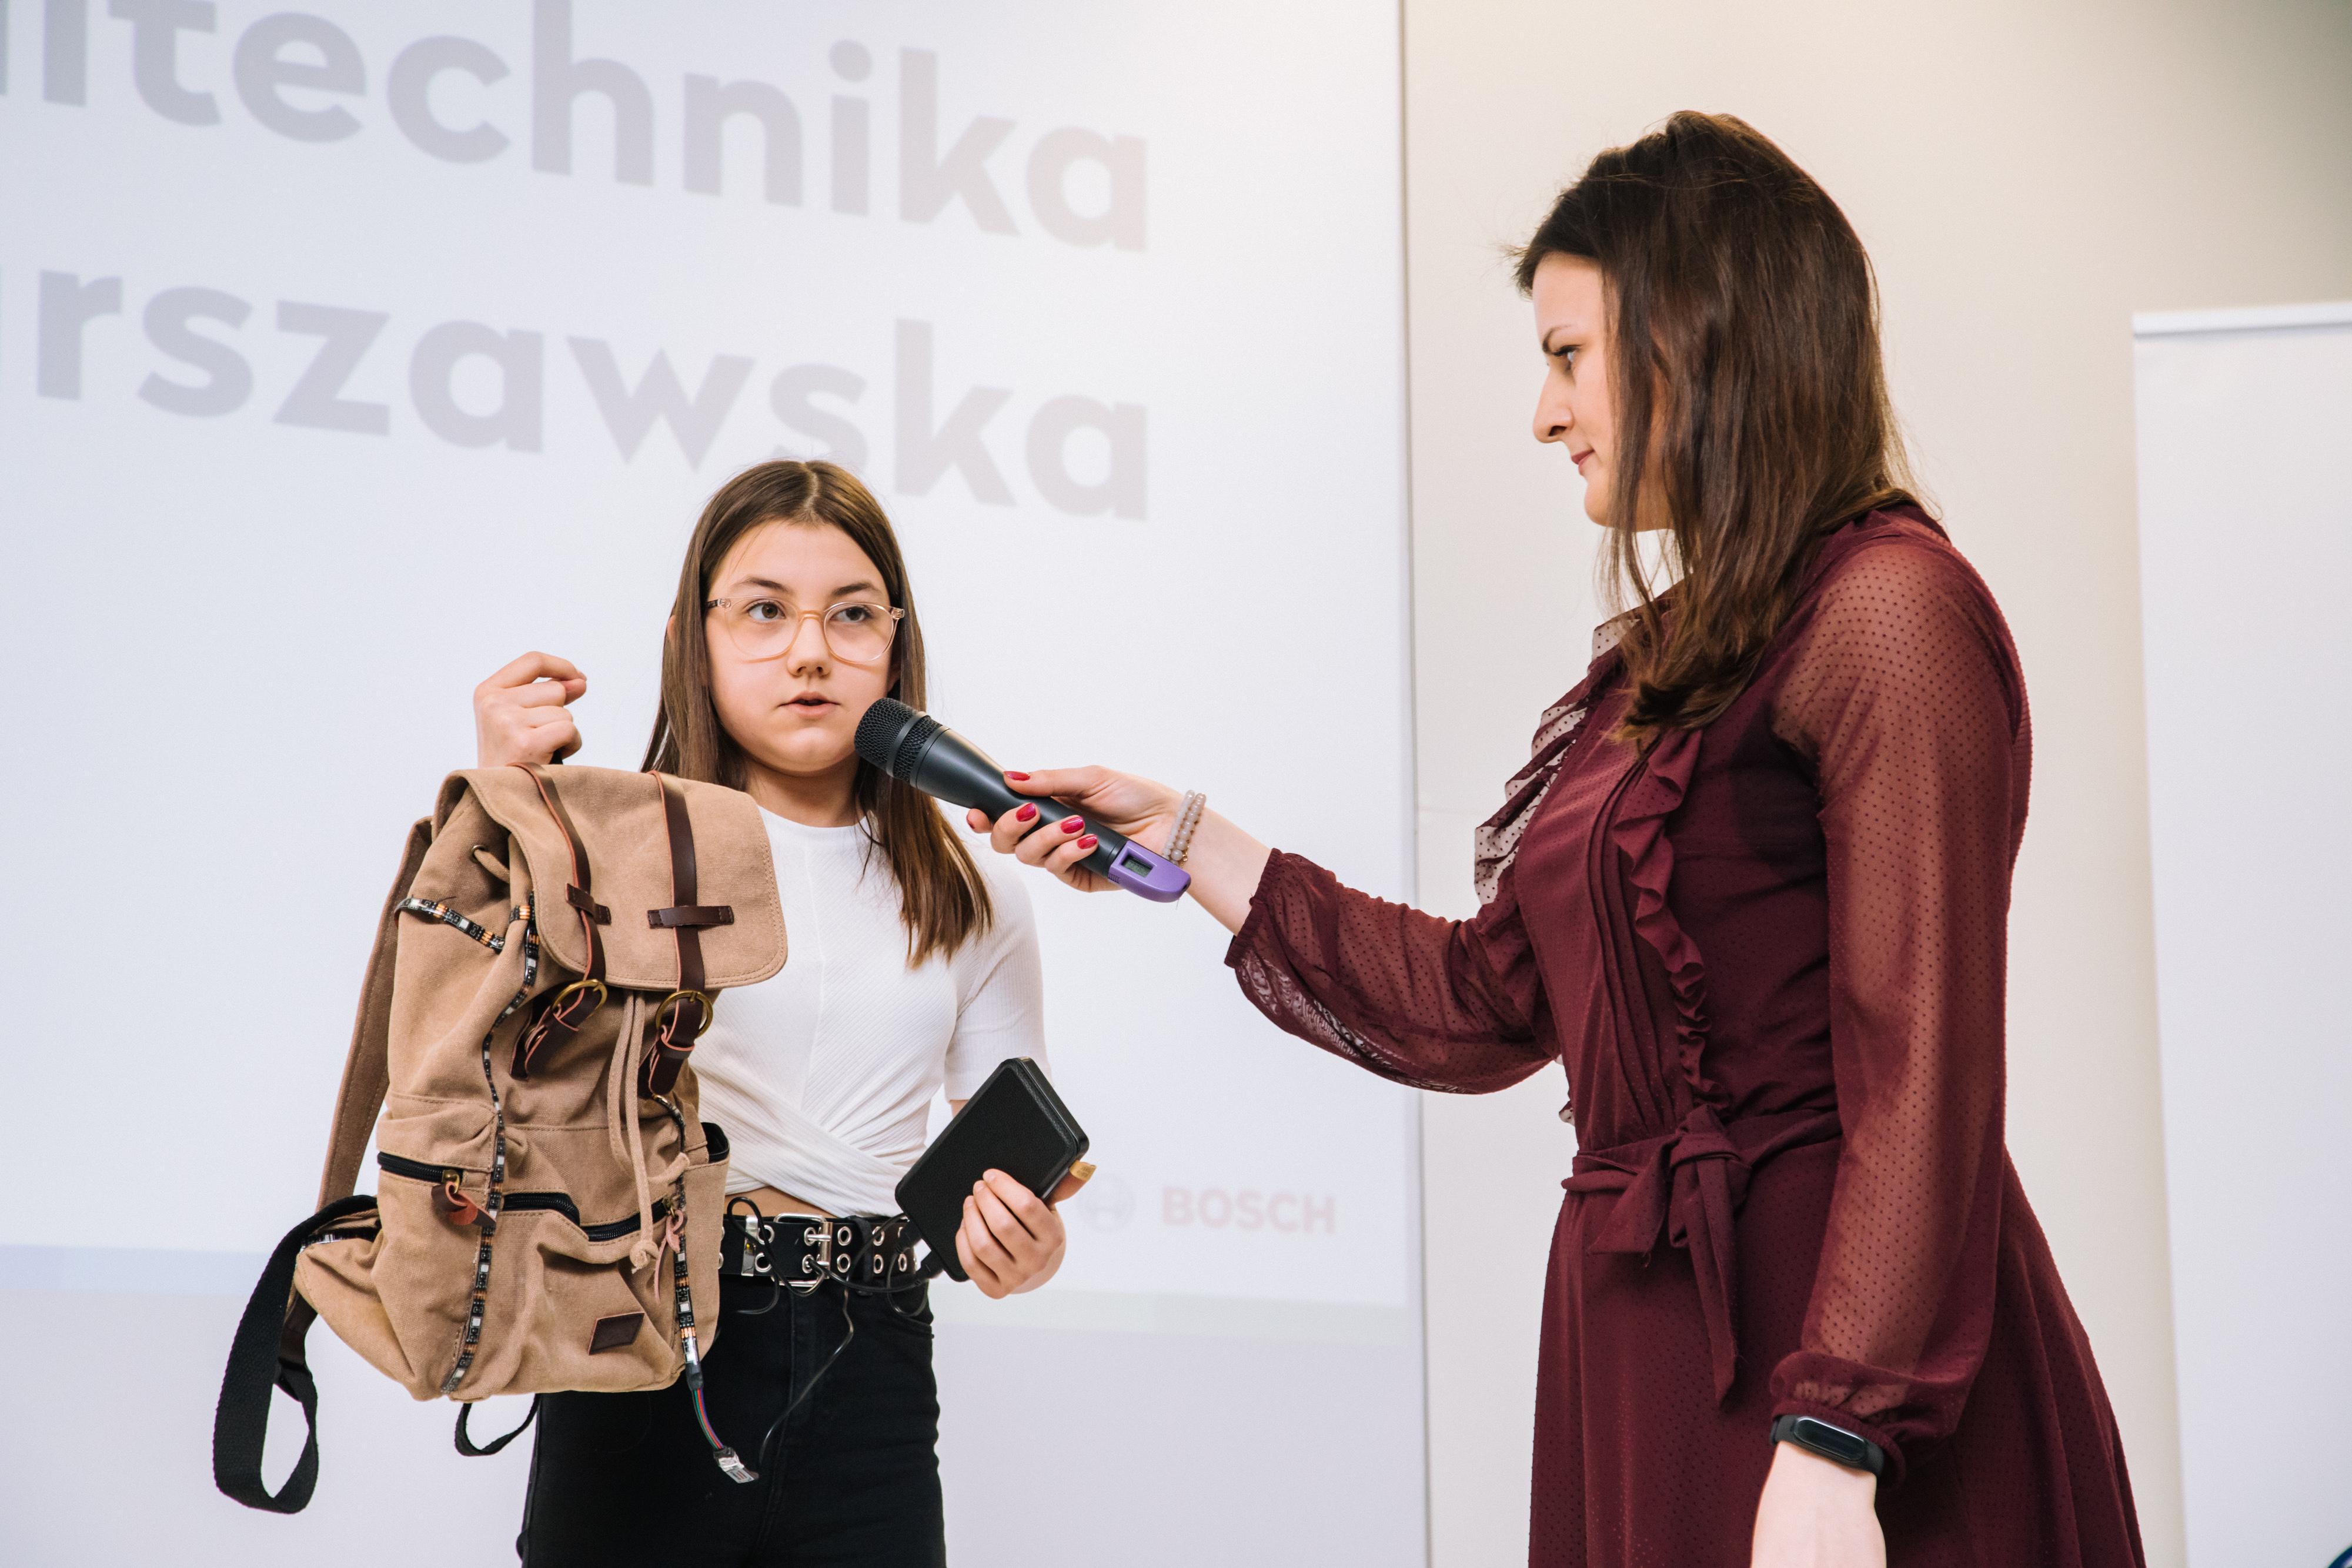 FINAŁ 9. edycji  Akademii Wynalazców im. Roberta Boscha